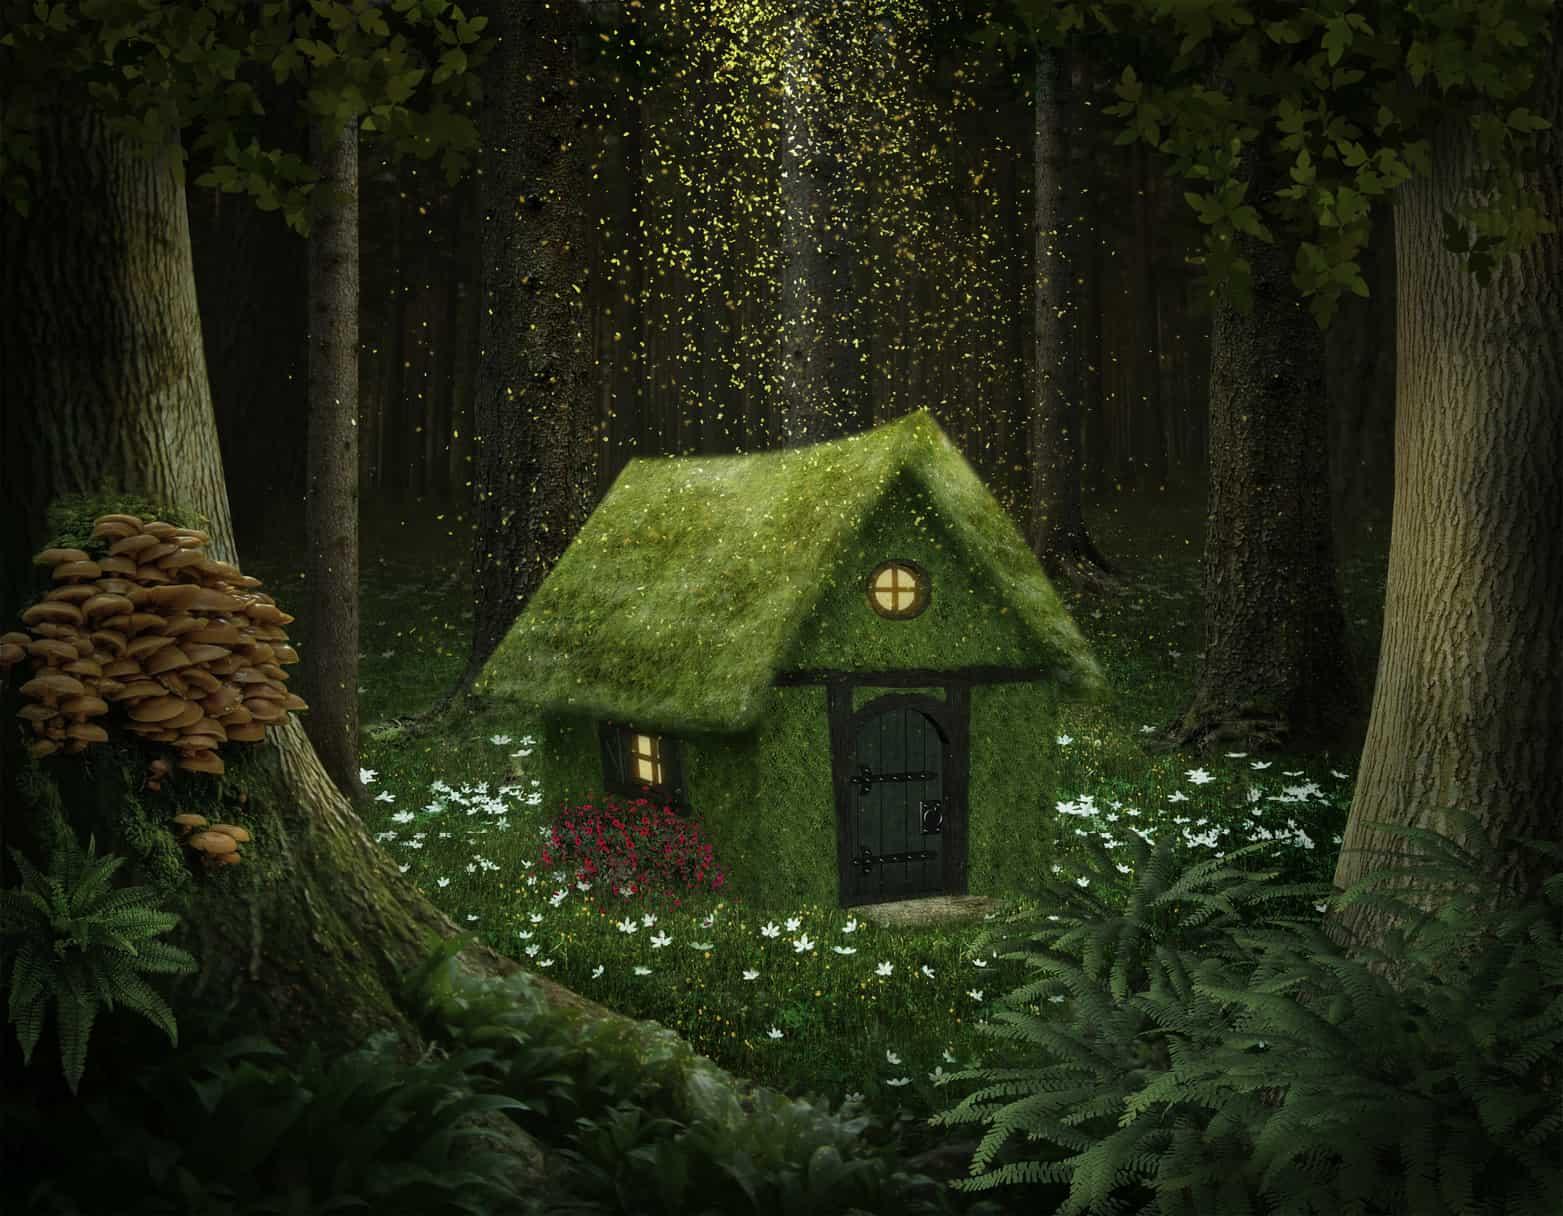 Passives Einkommen ist ebenso ein Märchen wie das Mooshaus auf dem Bild